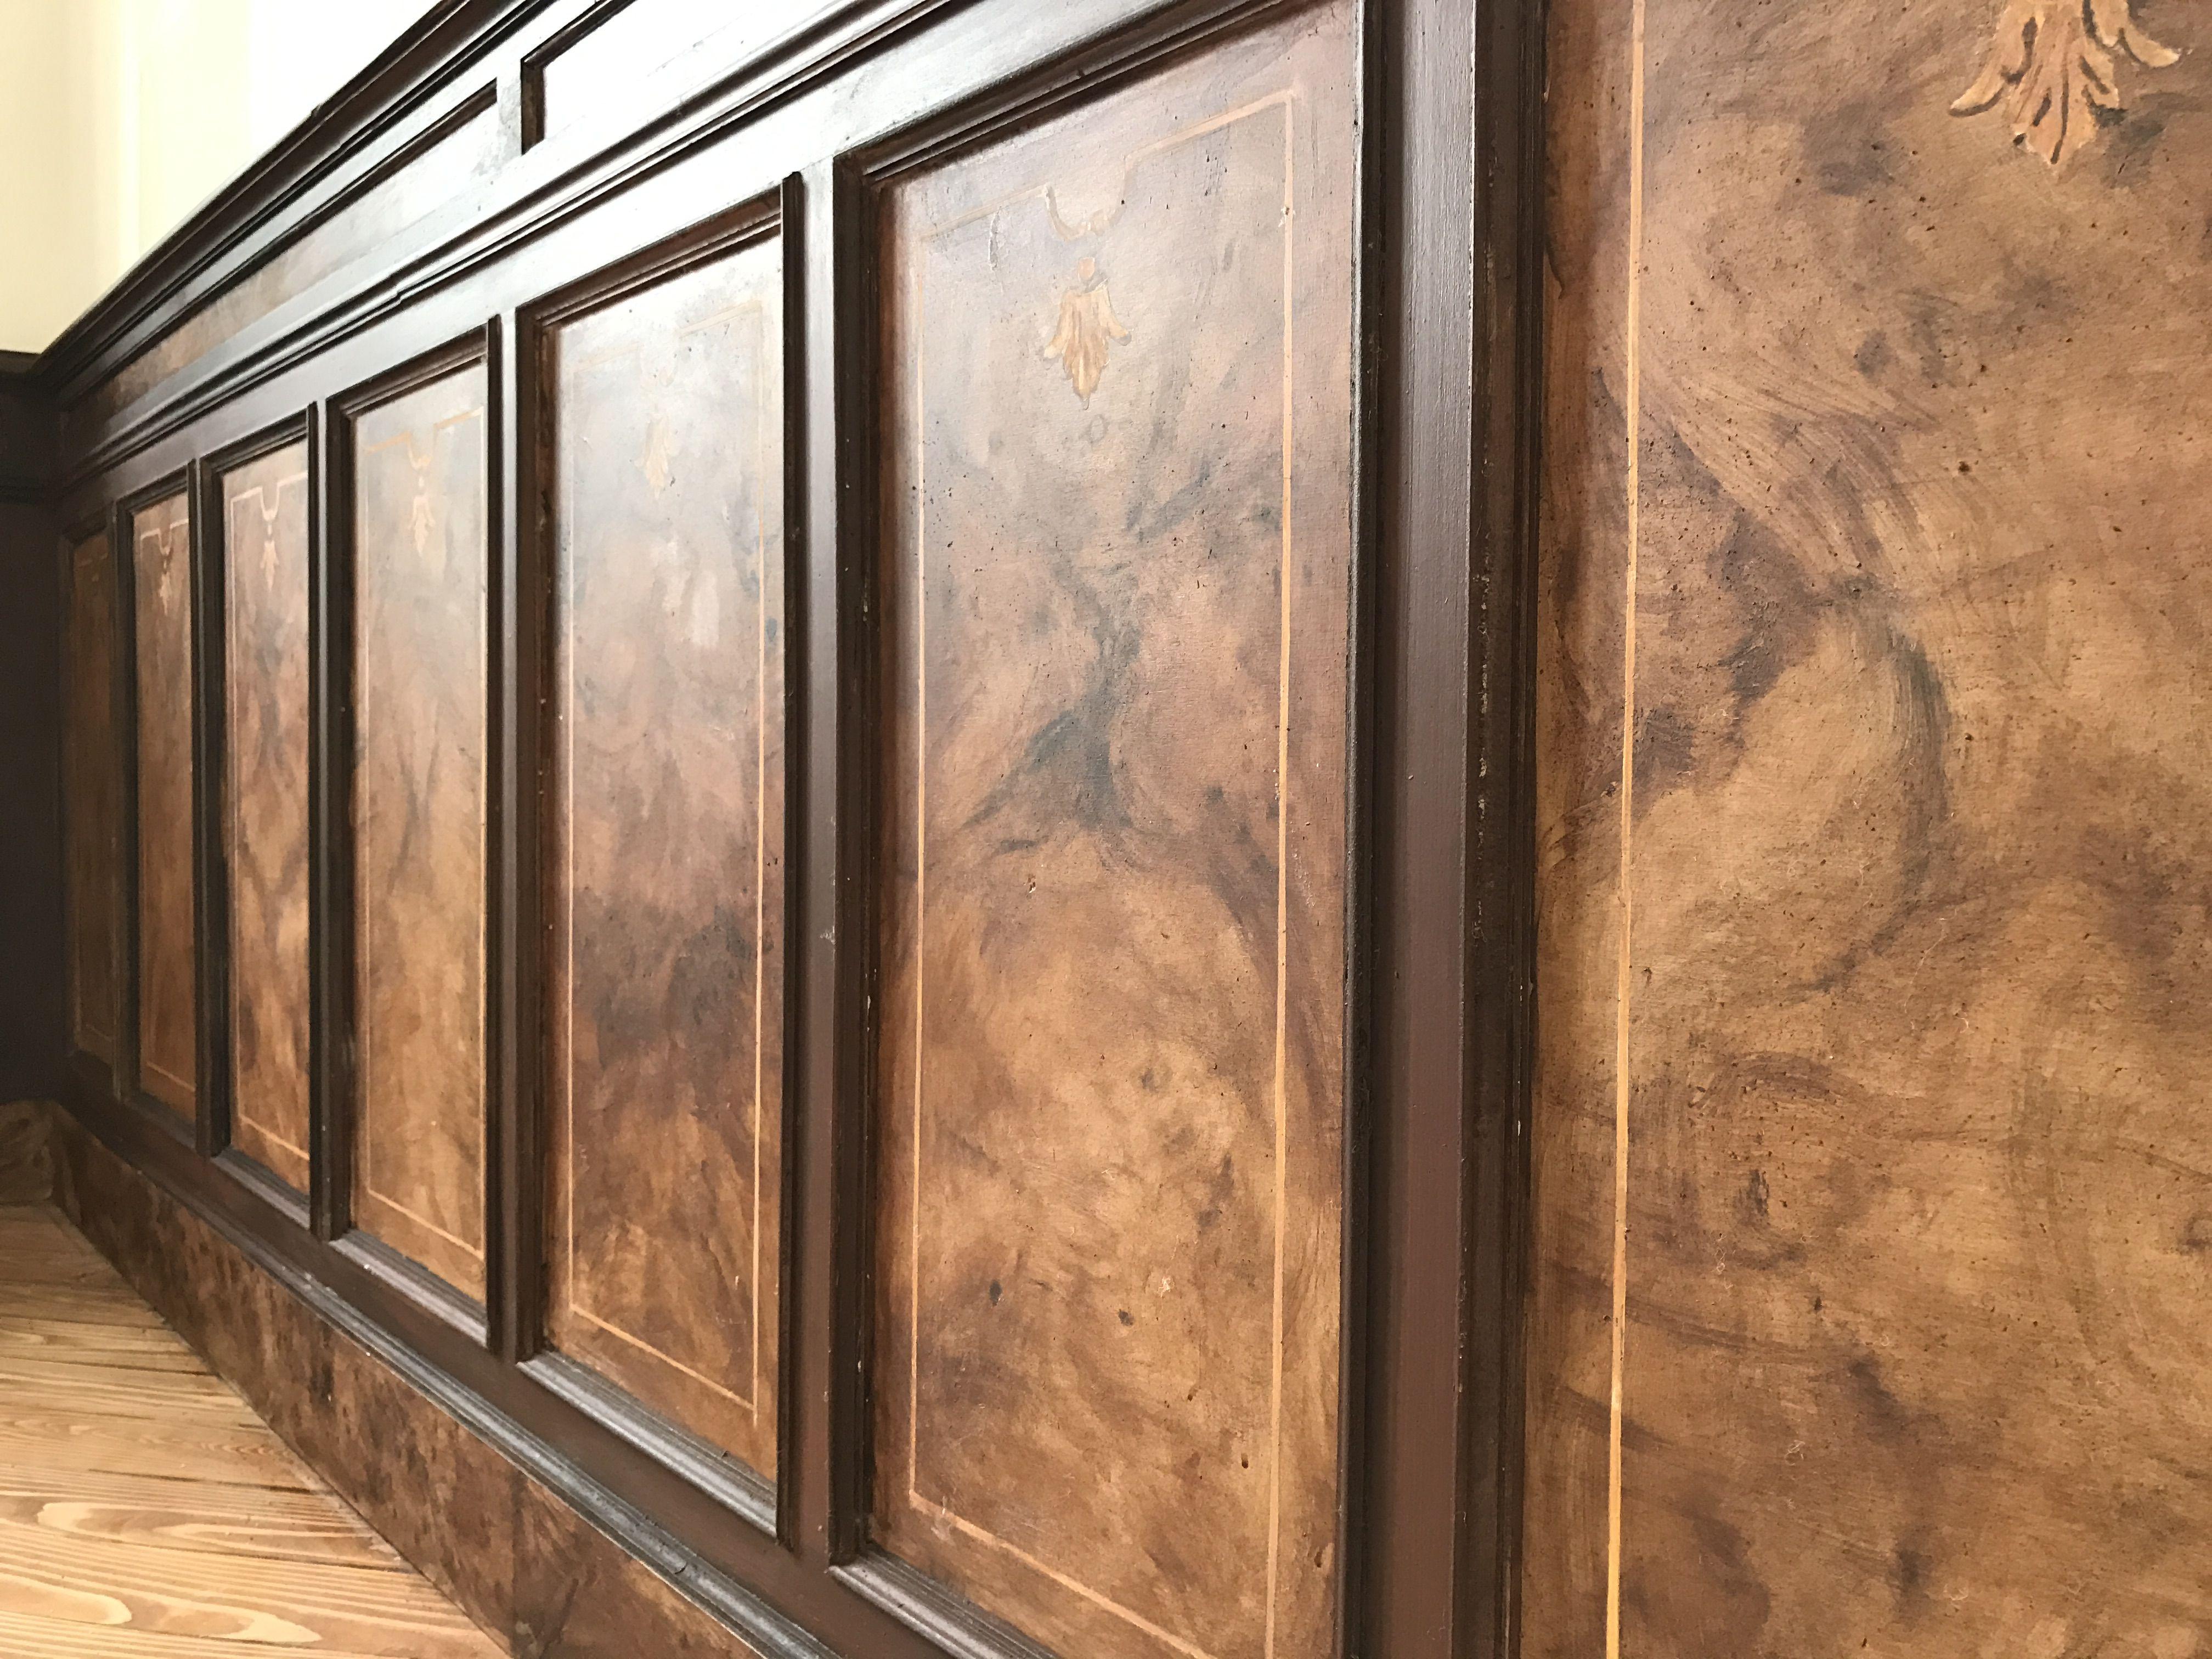 Mobili Pitturati ~ Finta radica finto legno finto intarsio mobili dipinti pinterest